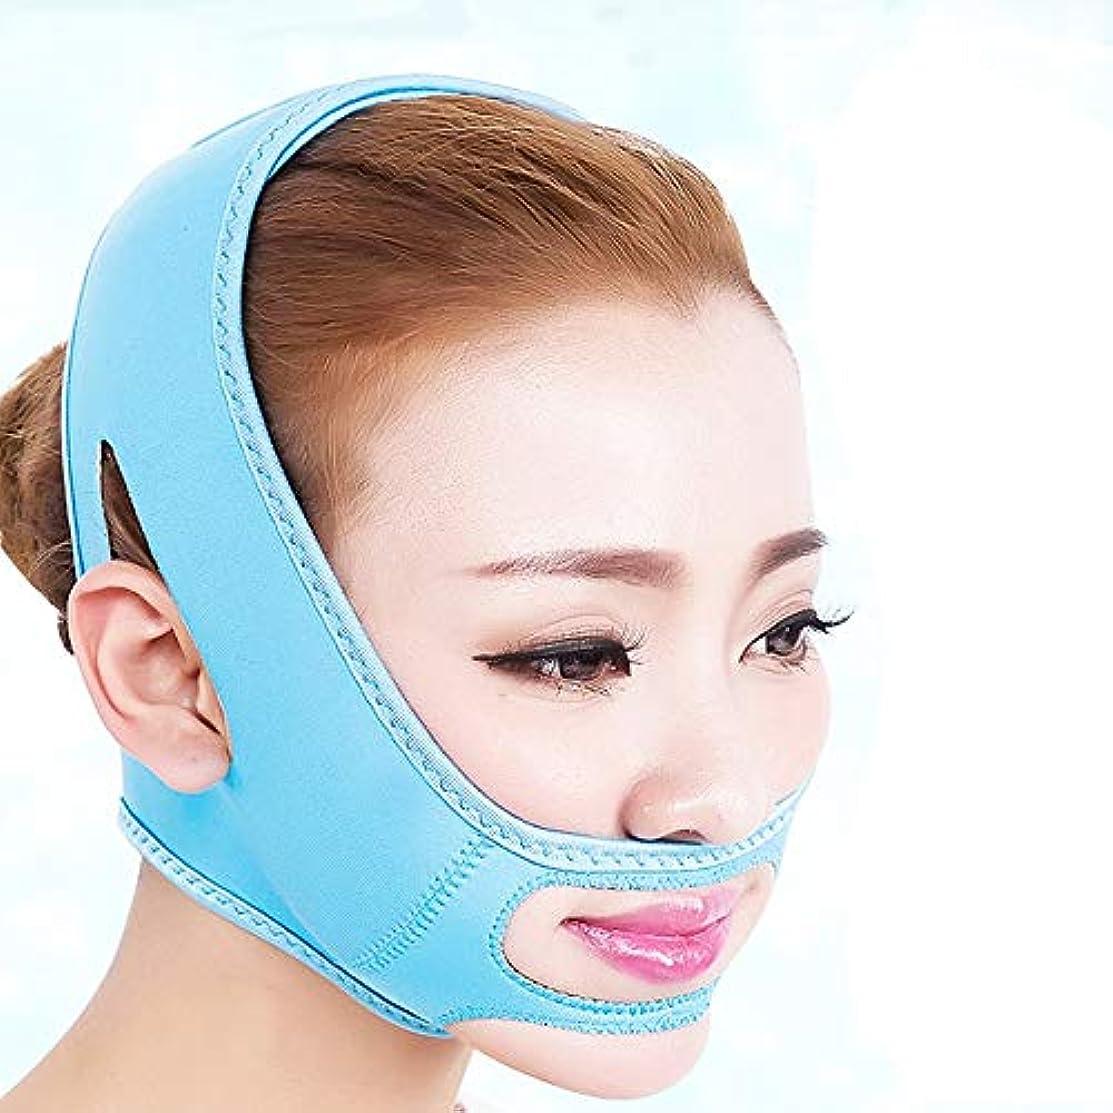 ブームスカルク美しいVラインマスク、ネックマスクフェイスリフトVリフティングチンアップパッチダブルチンリデューサーネックリフト,Blue